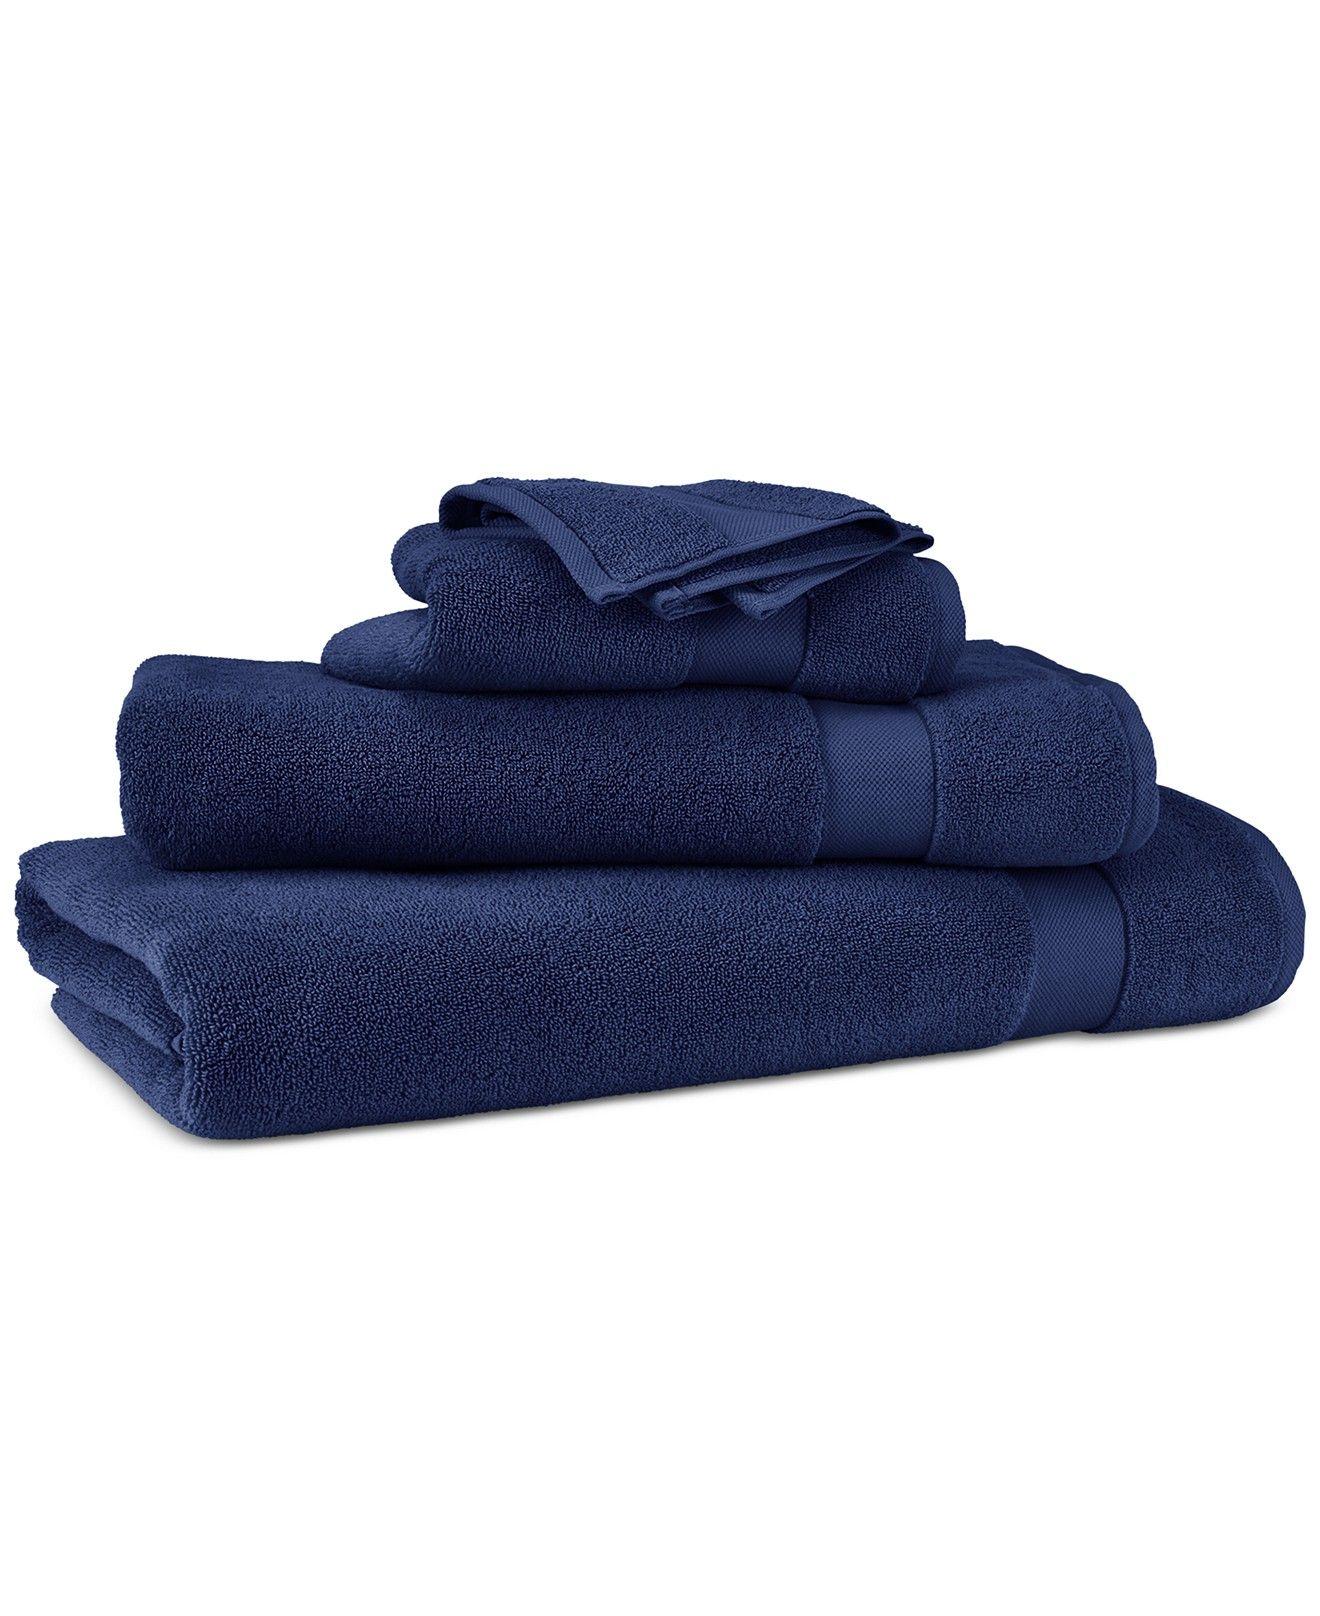 Lauren Ralph Lauren Price Break Wescott Bath Towel Collection